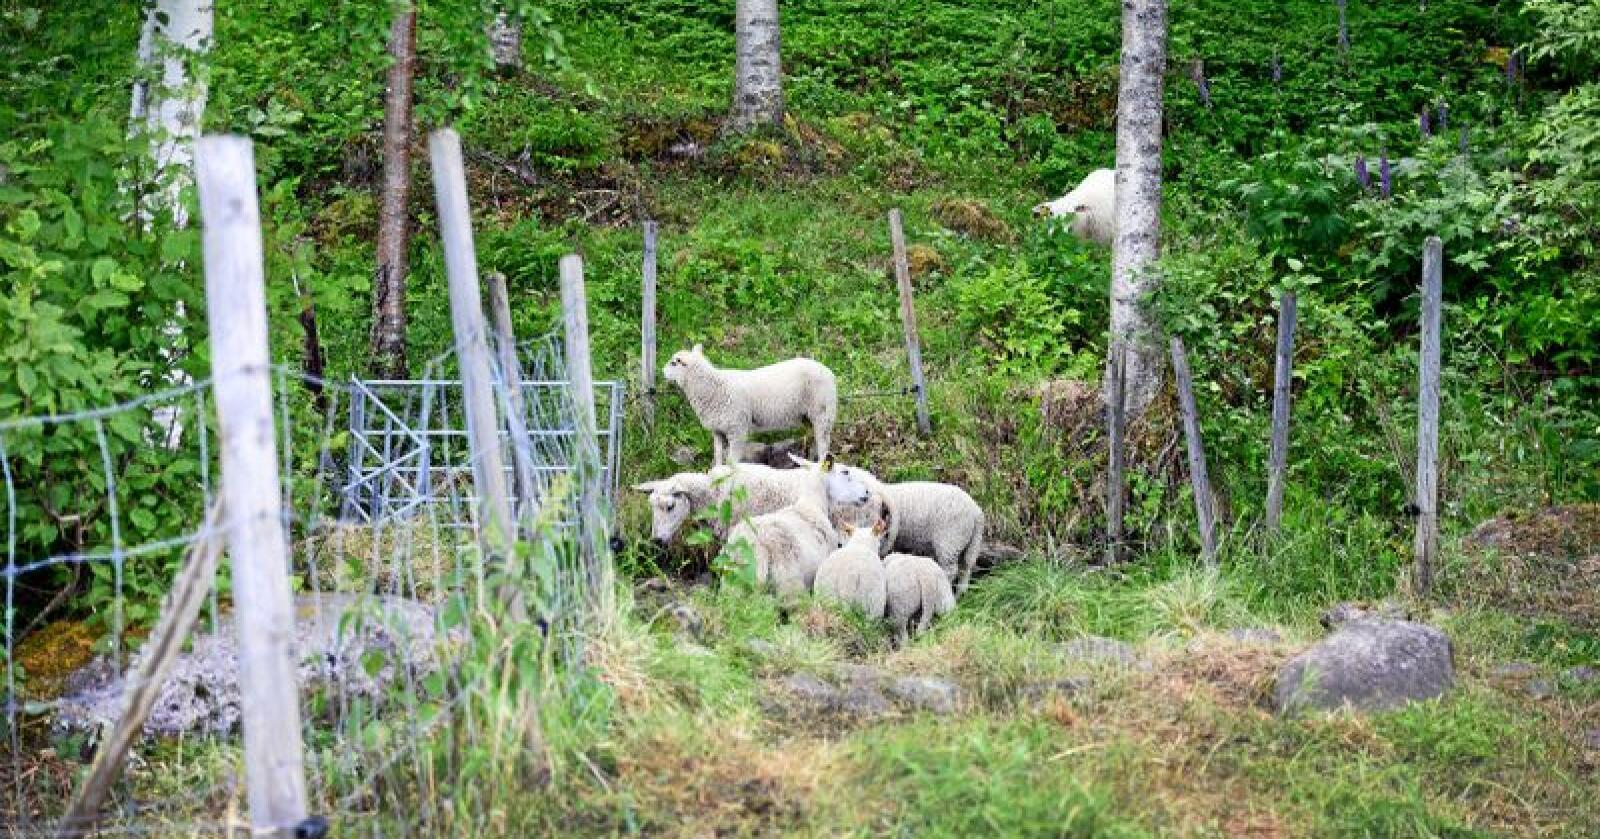 Breking news: Tilgangen på lammekjøtt er ikke fullt så god som den kunne vært i oppkjøringen til fårikålsesongen, melder Nortura. Foto: Siri Juell Rasmussen